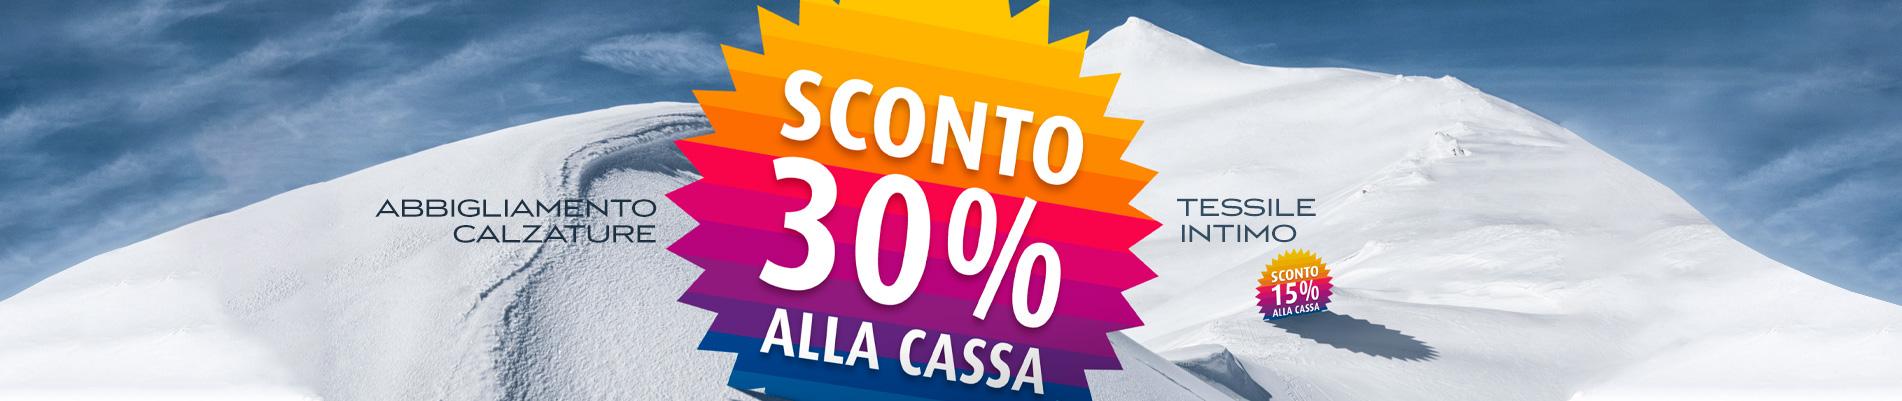 banner_sconti_ABBIGLIAMENTO